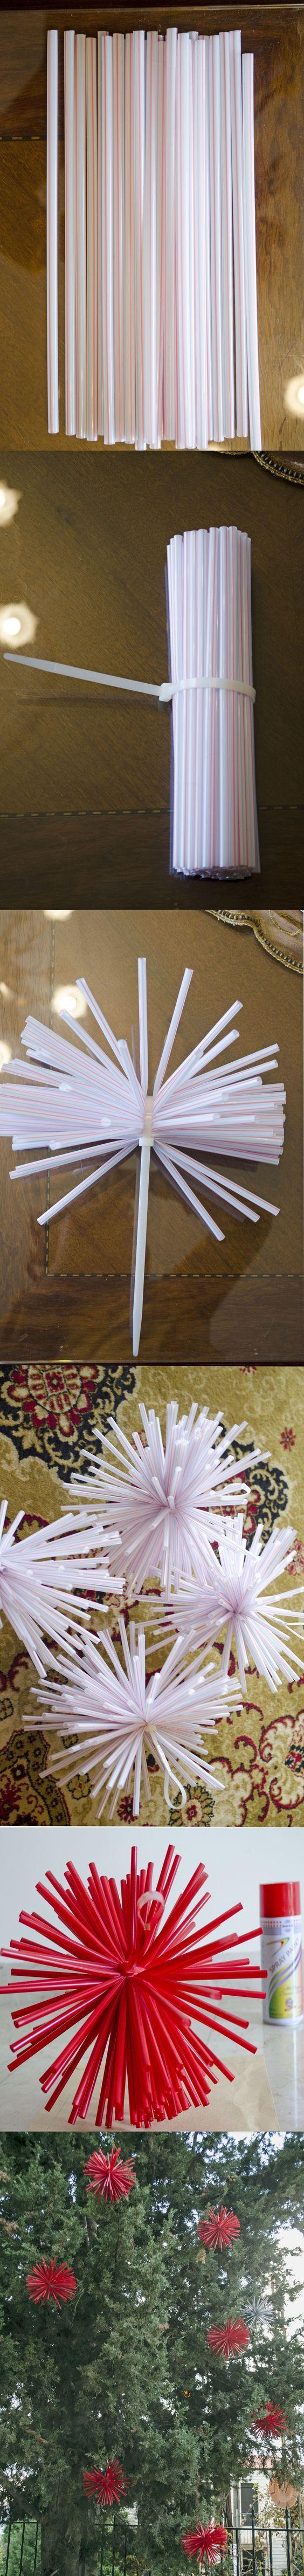 25 beste idee n over kinderen kerstmis knutselen op pinterest kerst knutselen - Toiletten versieren ...